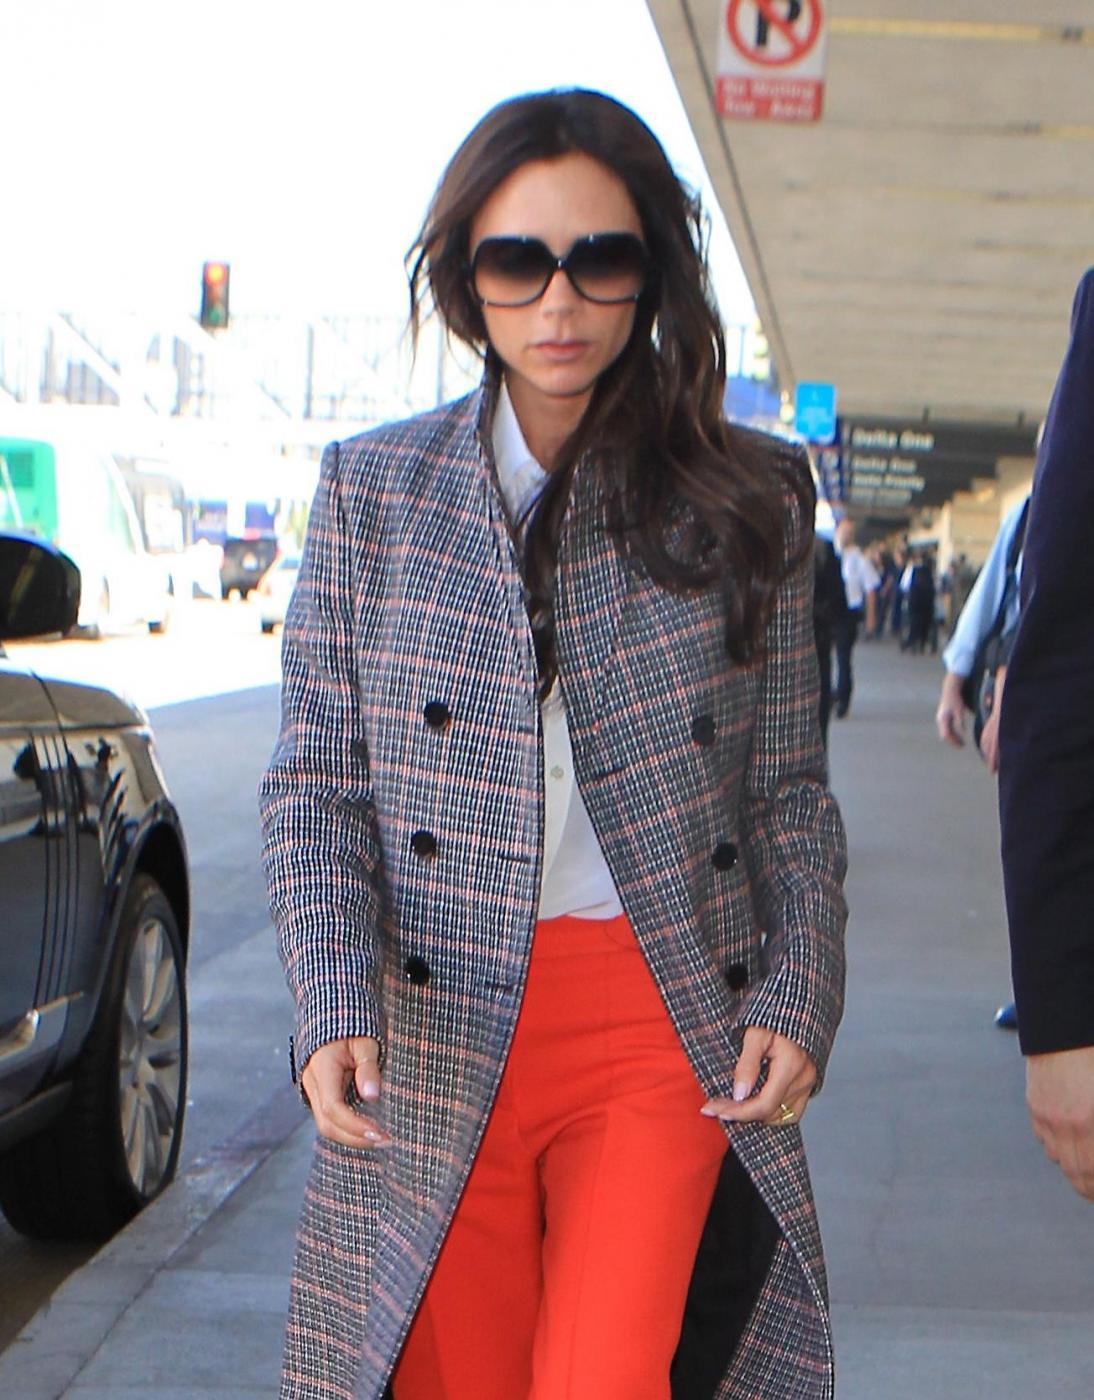 Look Beckham Los Angeles Di Foto Victoria All'aeroporto 0qvFFY